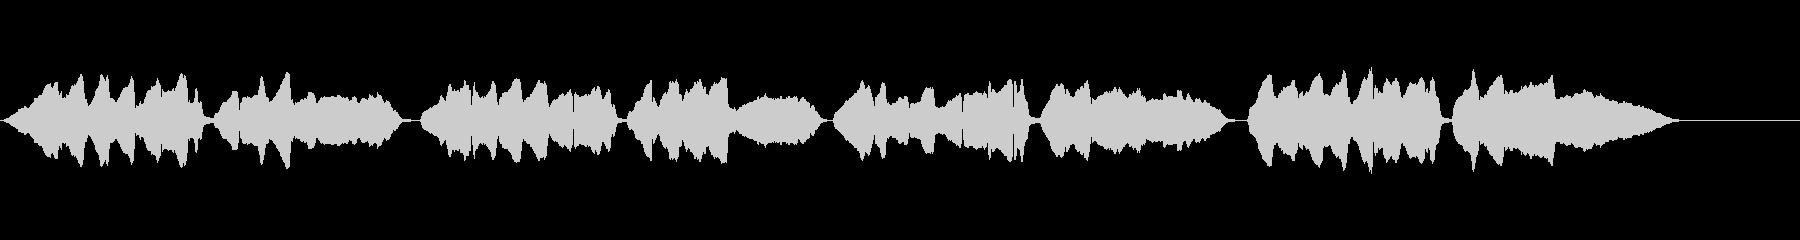 童謡「夕焼け小焼け」ハーモニカ・ソロの未再生の波形